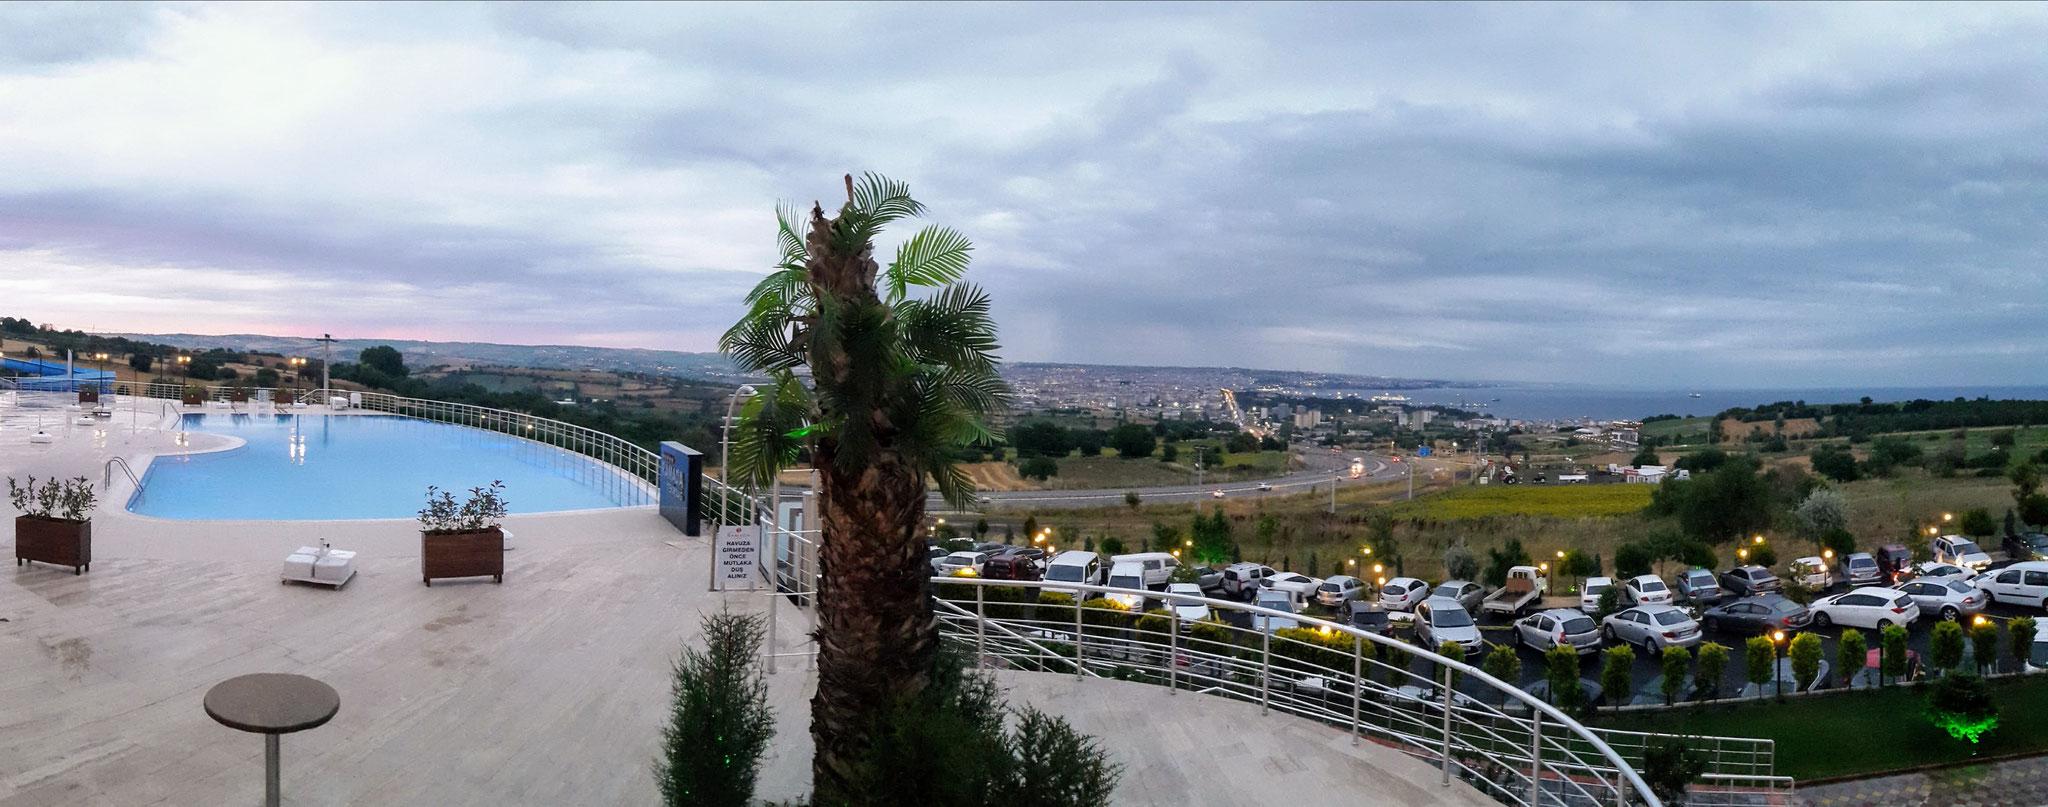 Letzter Stopp in der Türkei im Hotel mit Blick aufs Meer